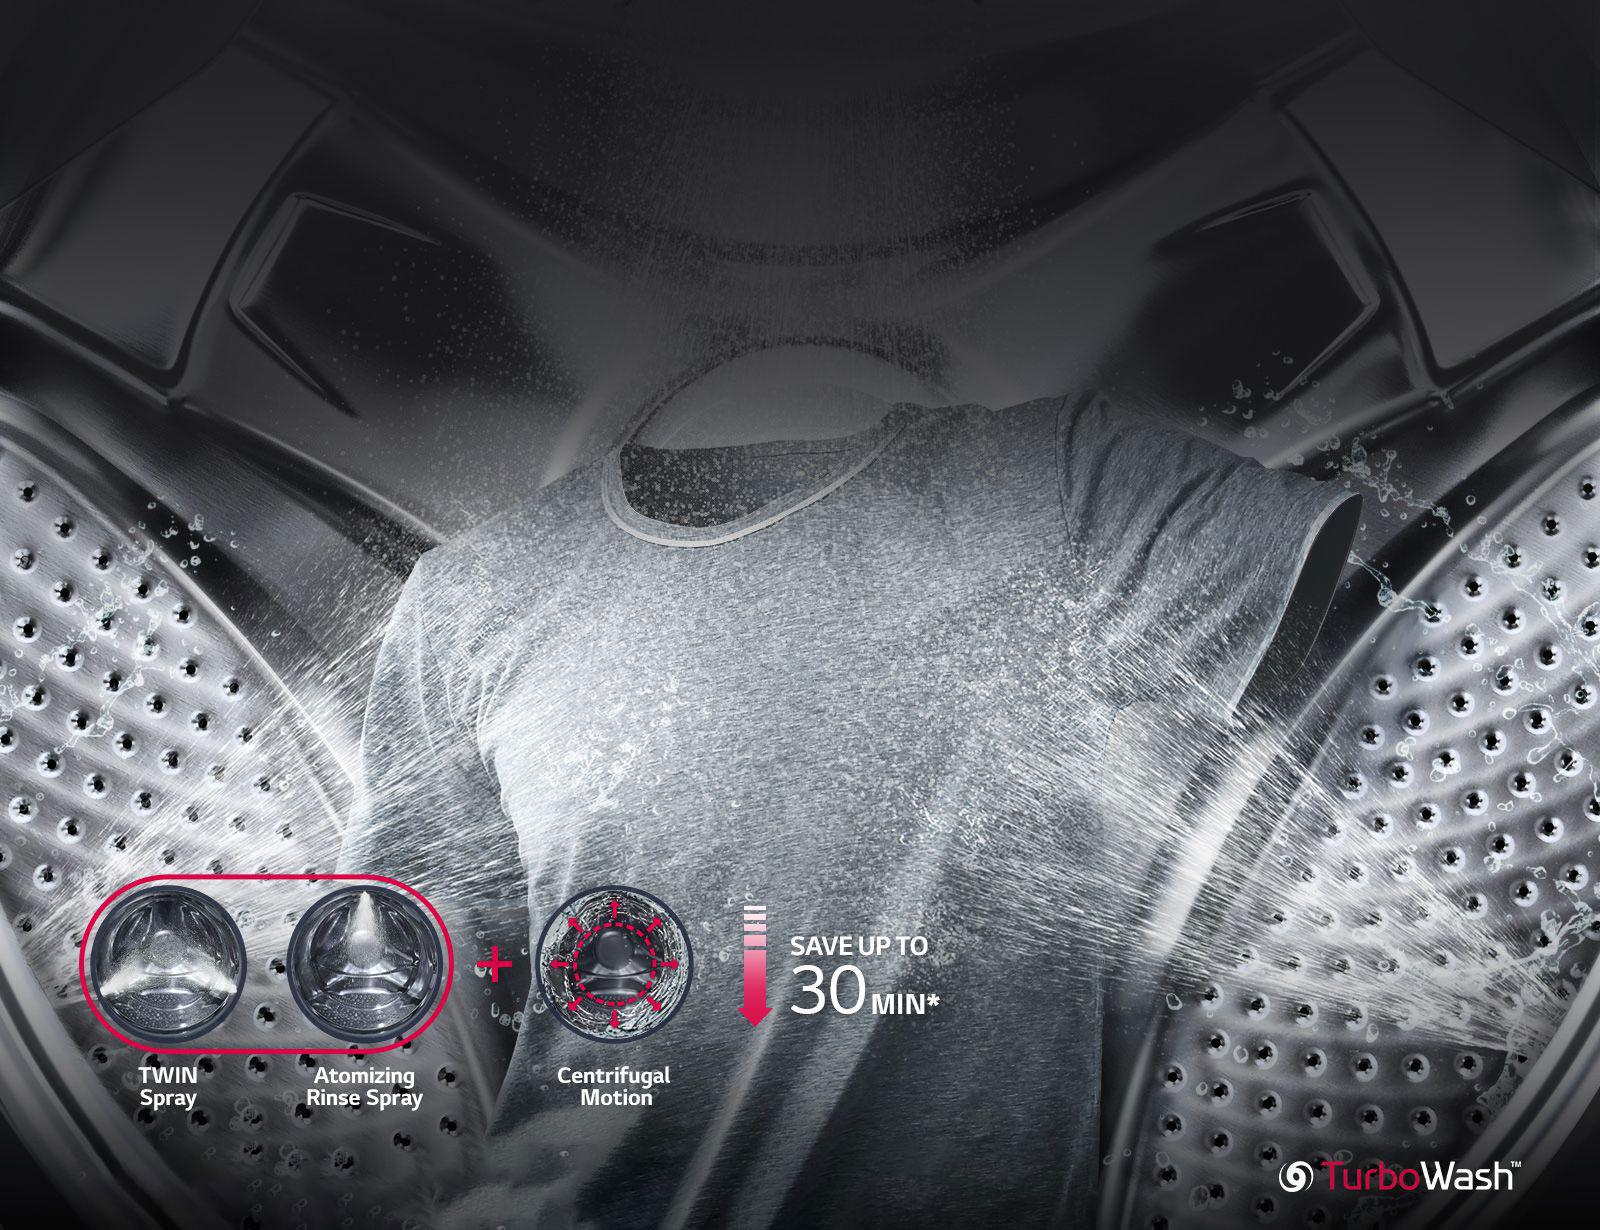 F0K2CHK5T2_03_TurboWash_16032019_D_V01